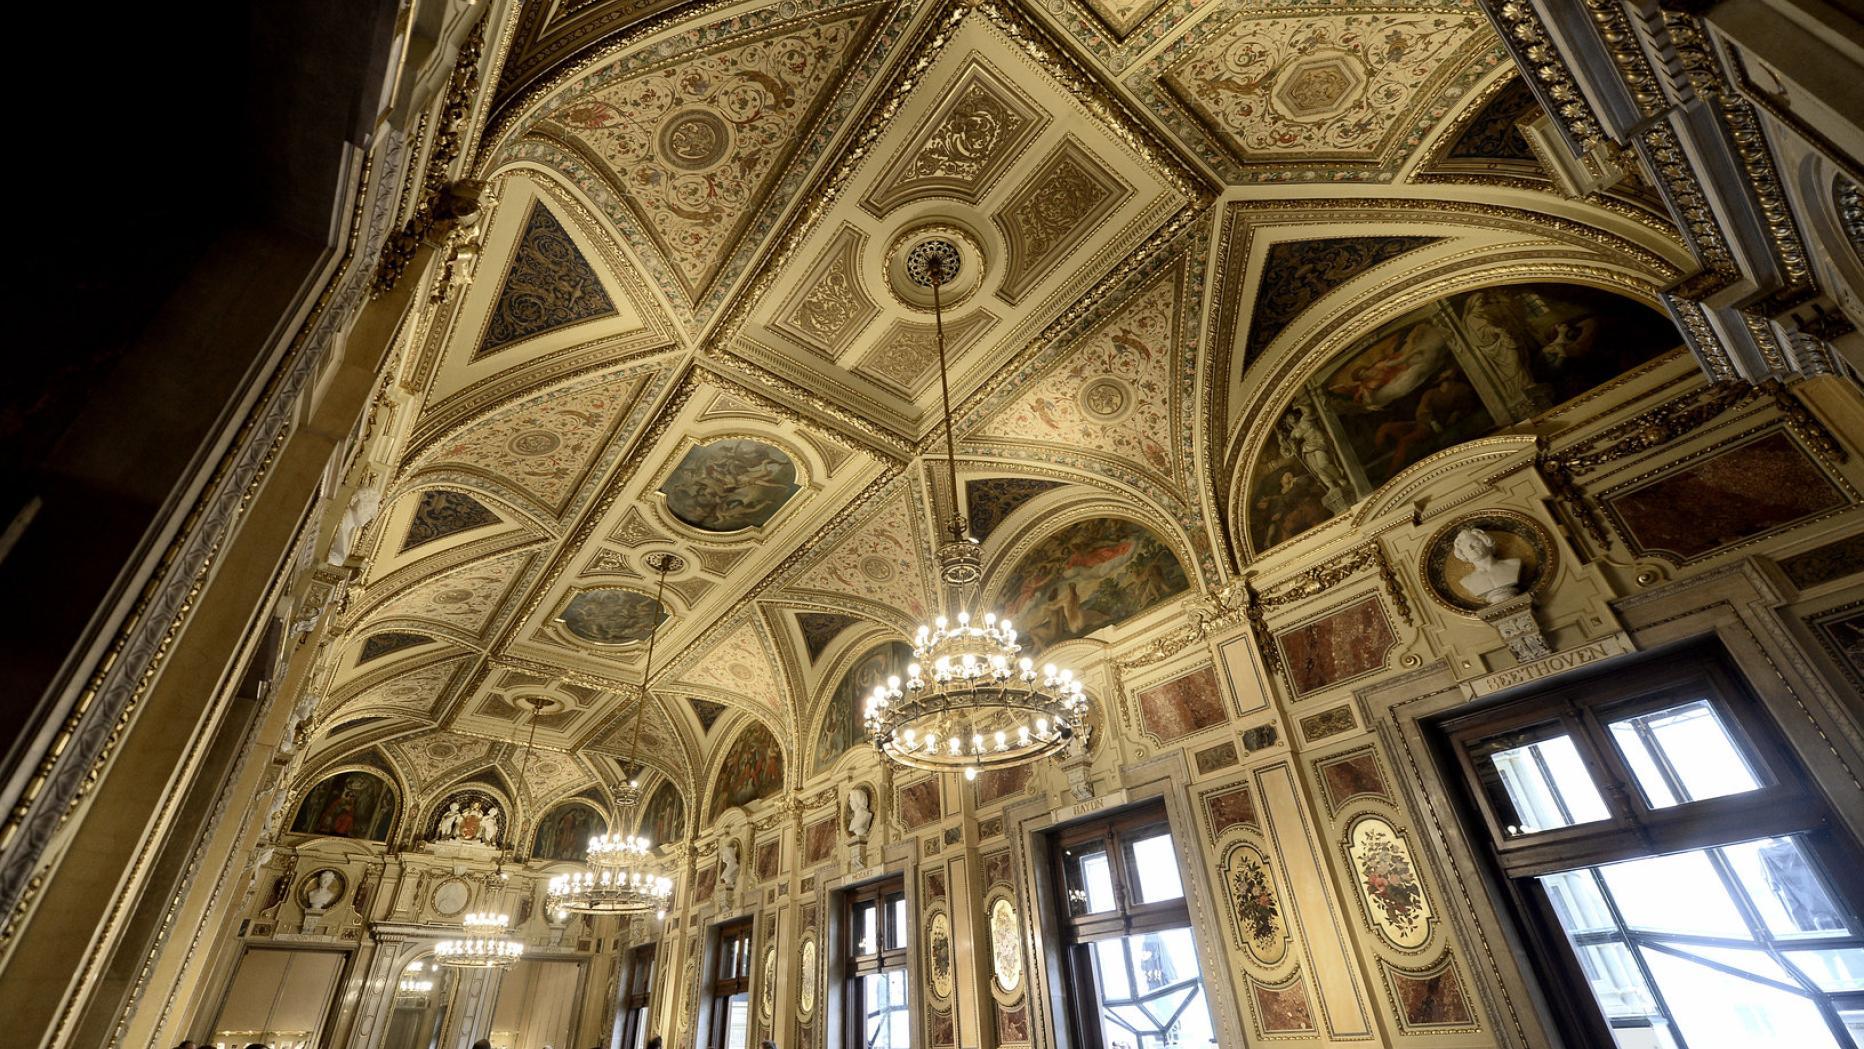 Historische Gebäude Es Ist Nicht Alles Gold Was Glänzt